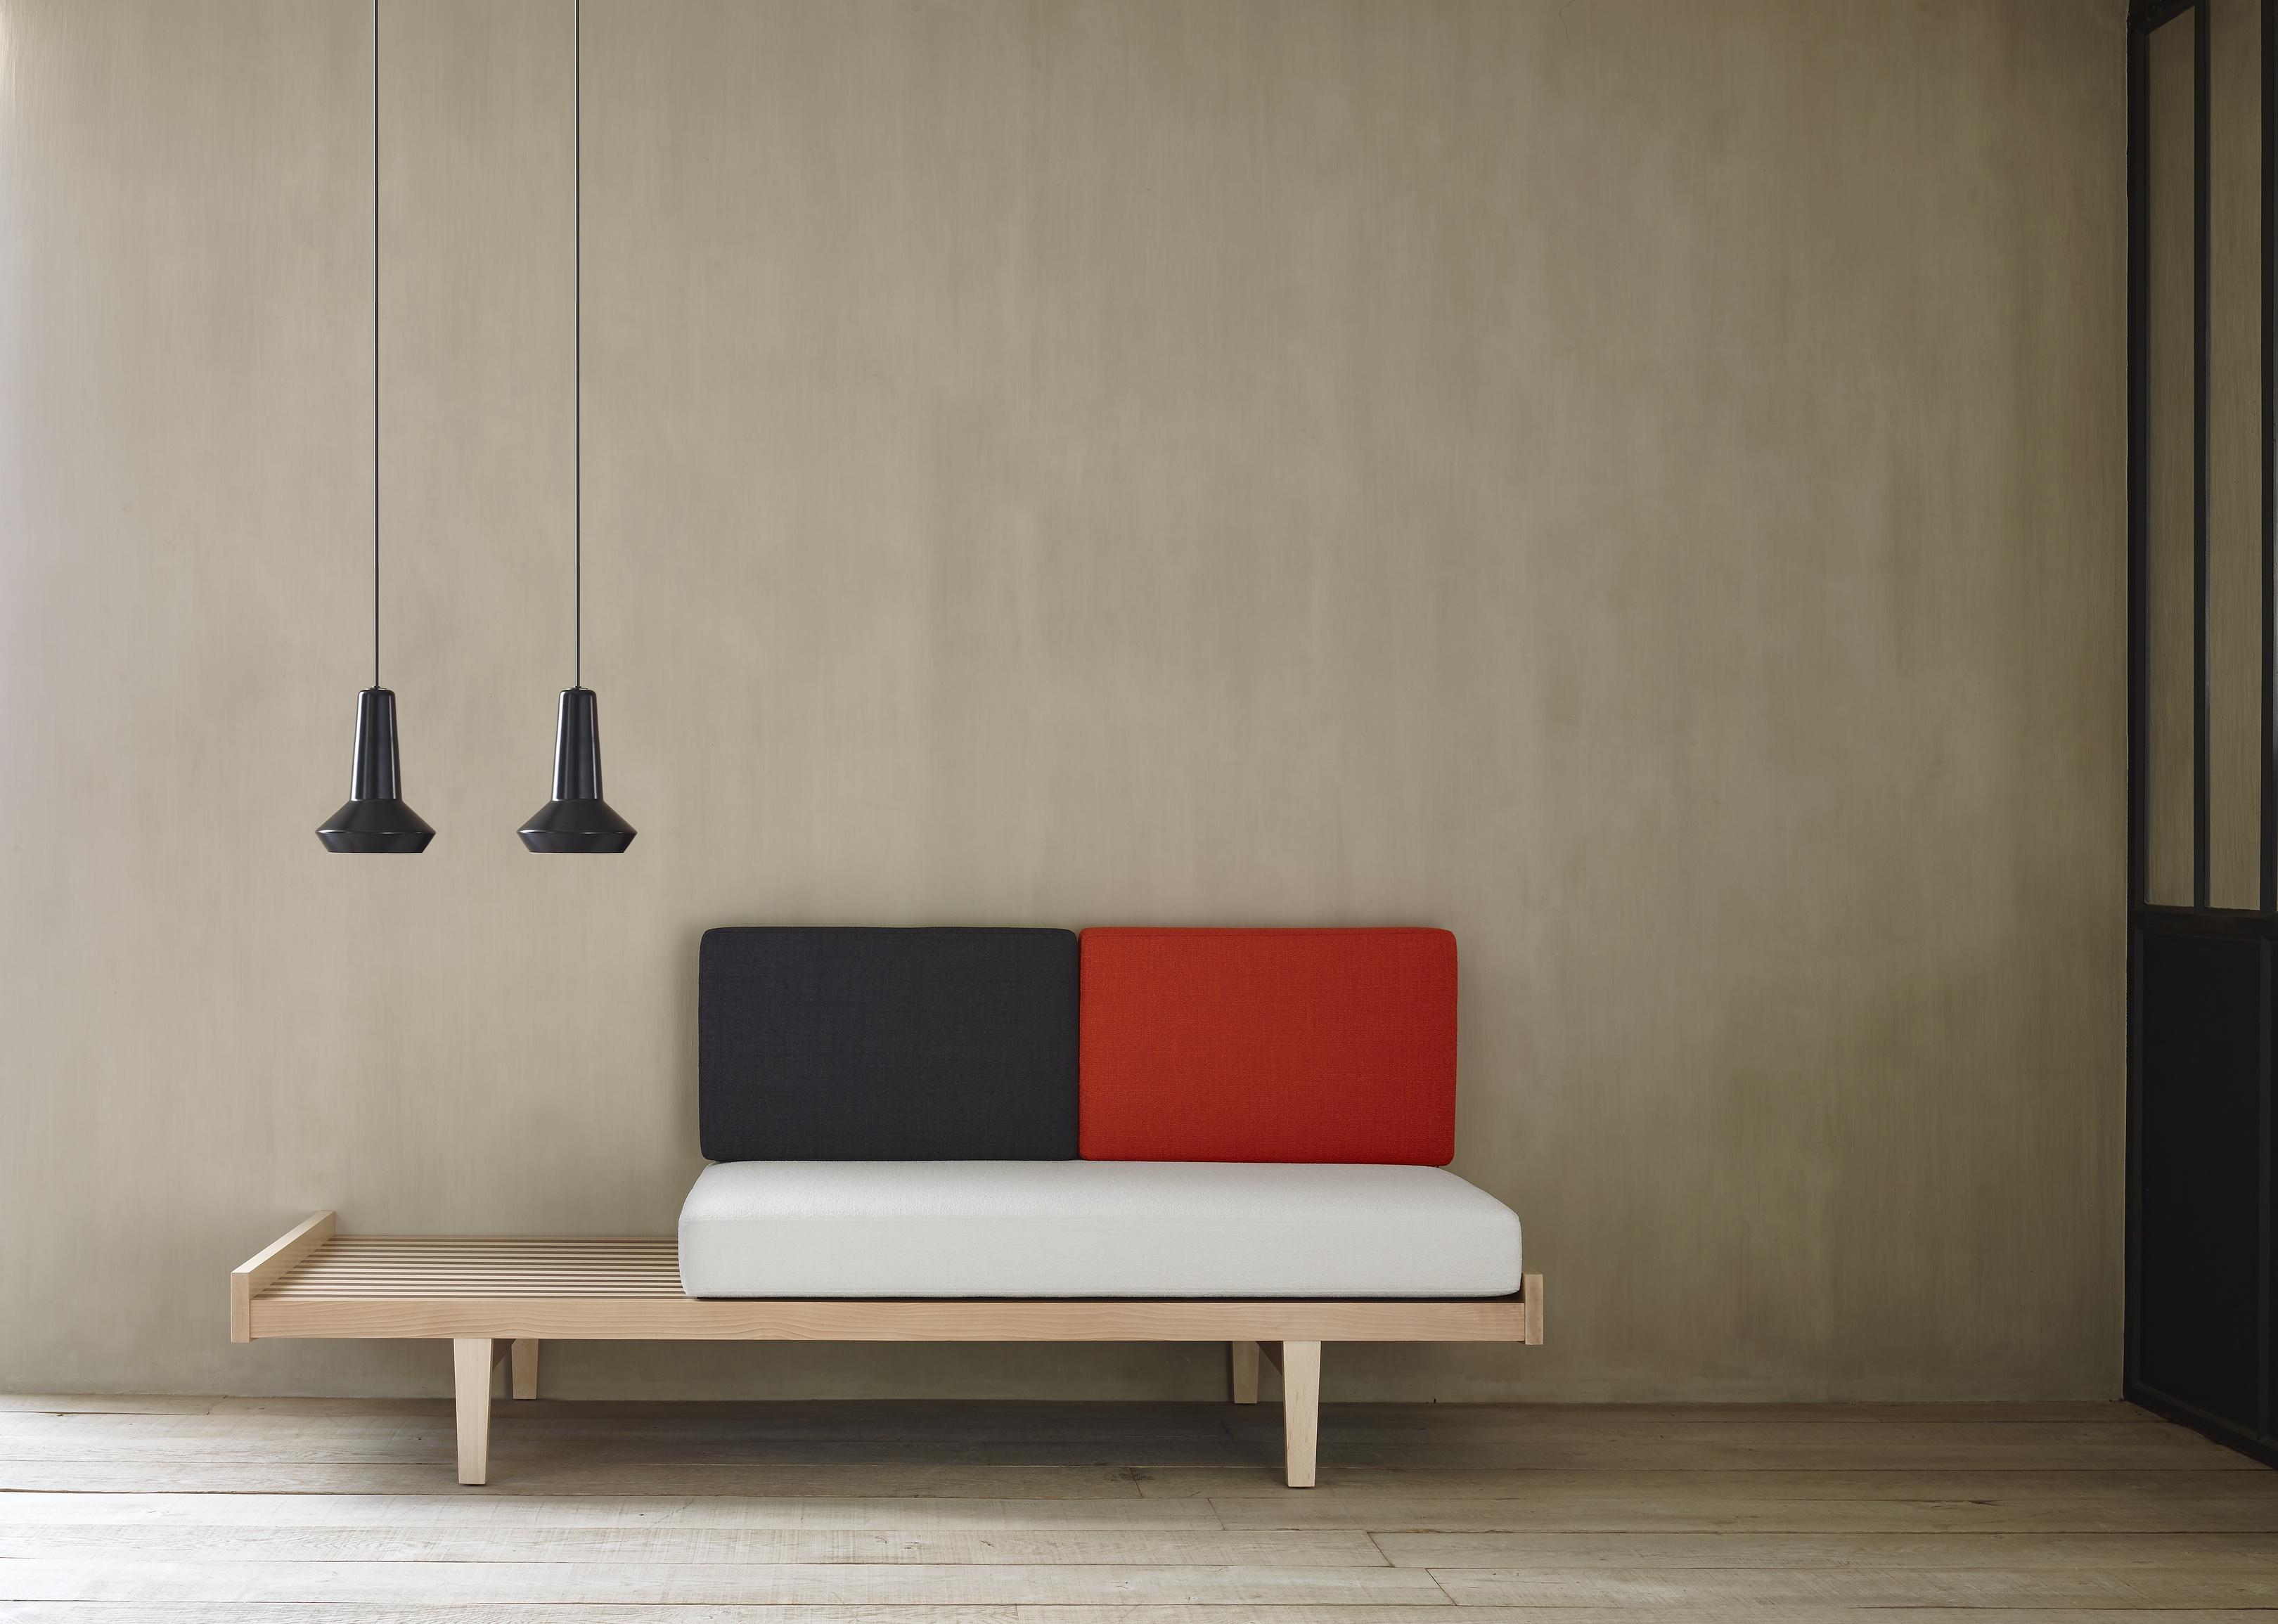 Canapé Ligne Roset Occasion Inspirant Photos Modernes sofa Design Ligne Roset Design